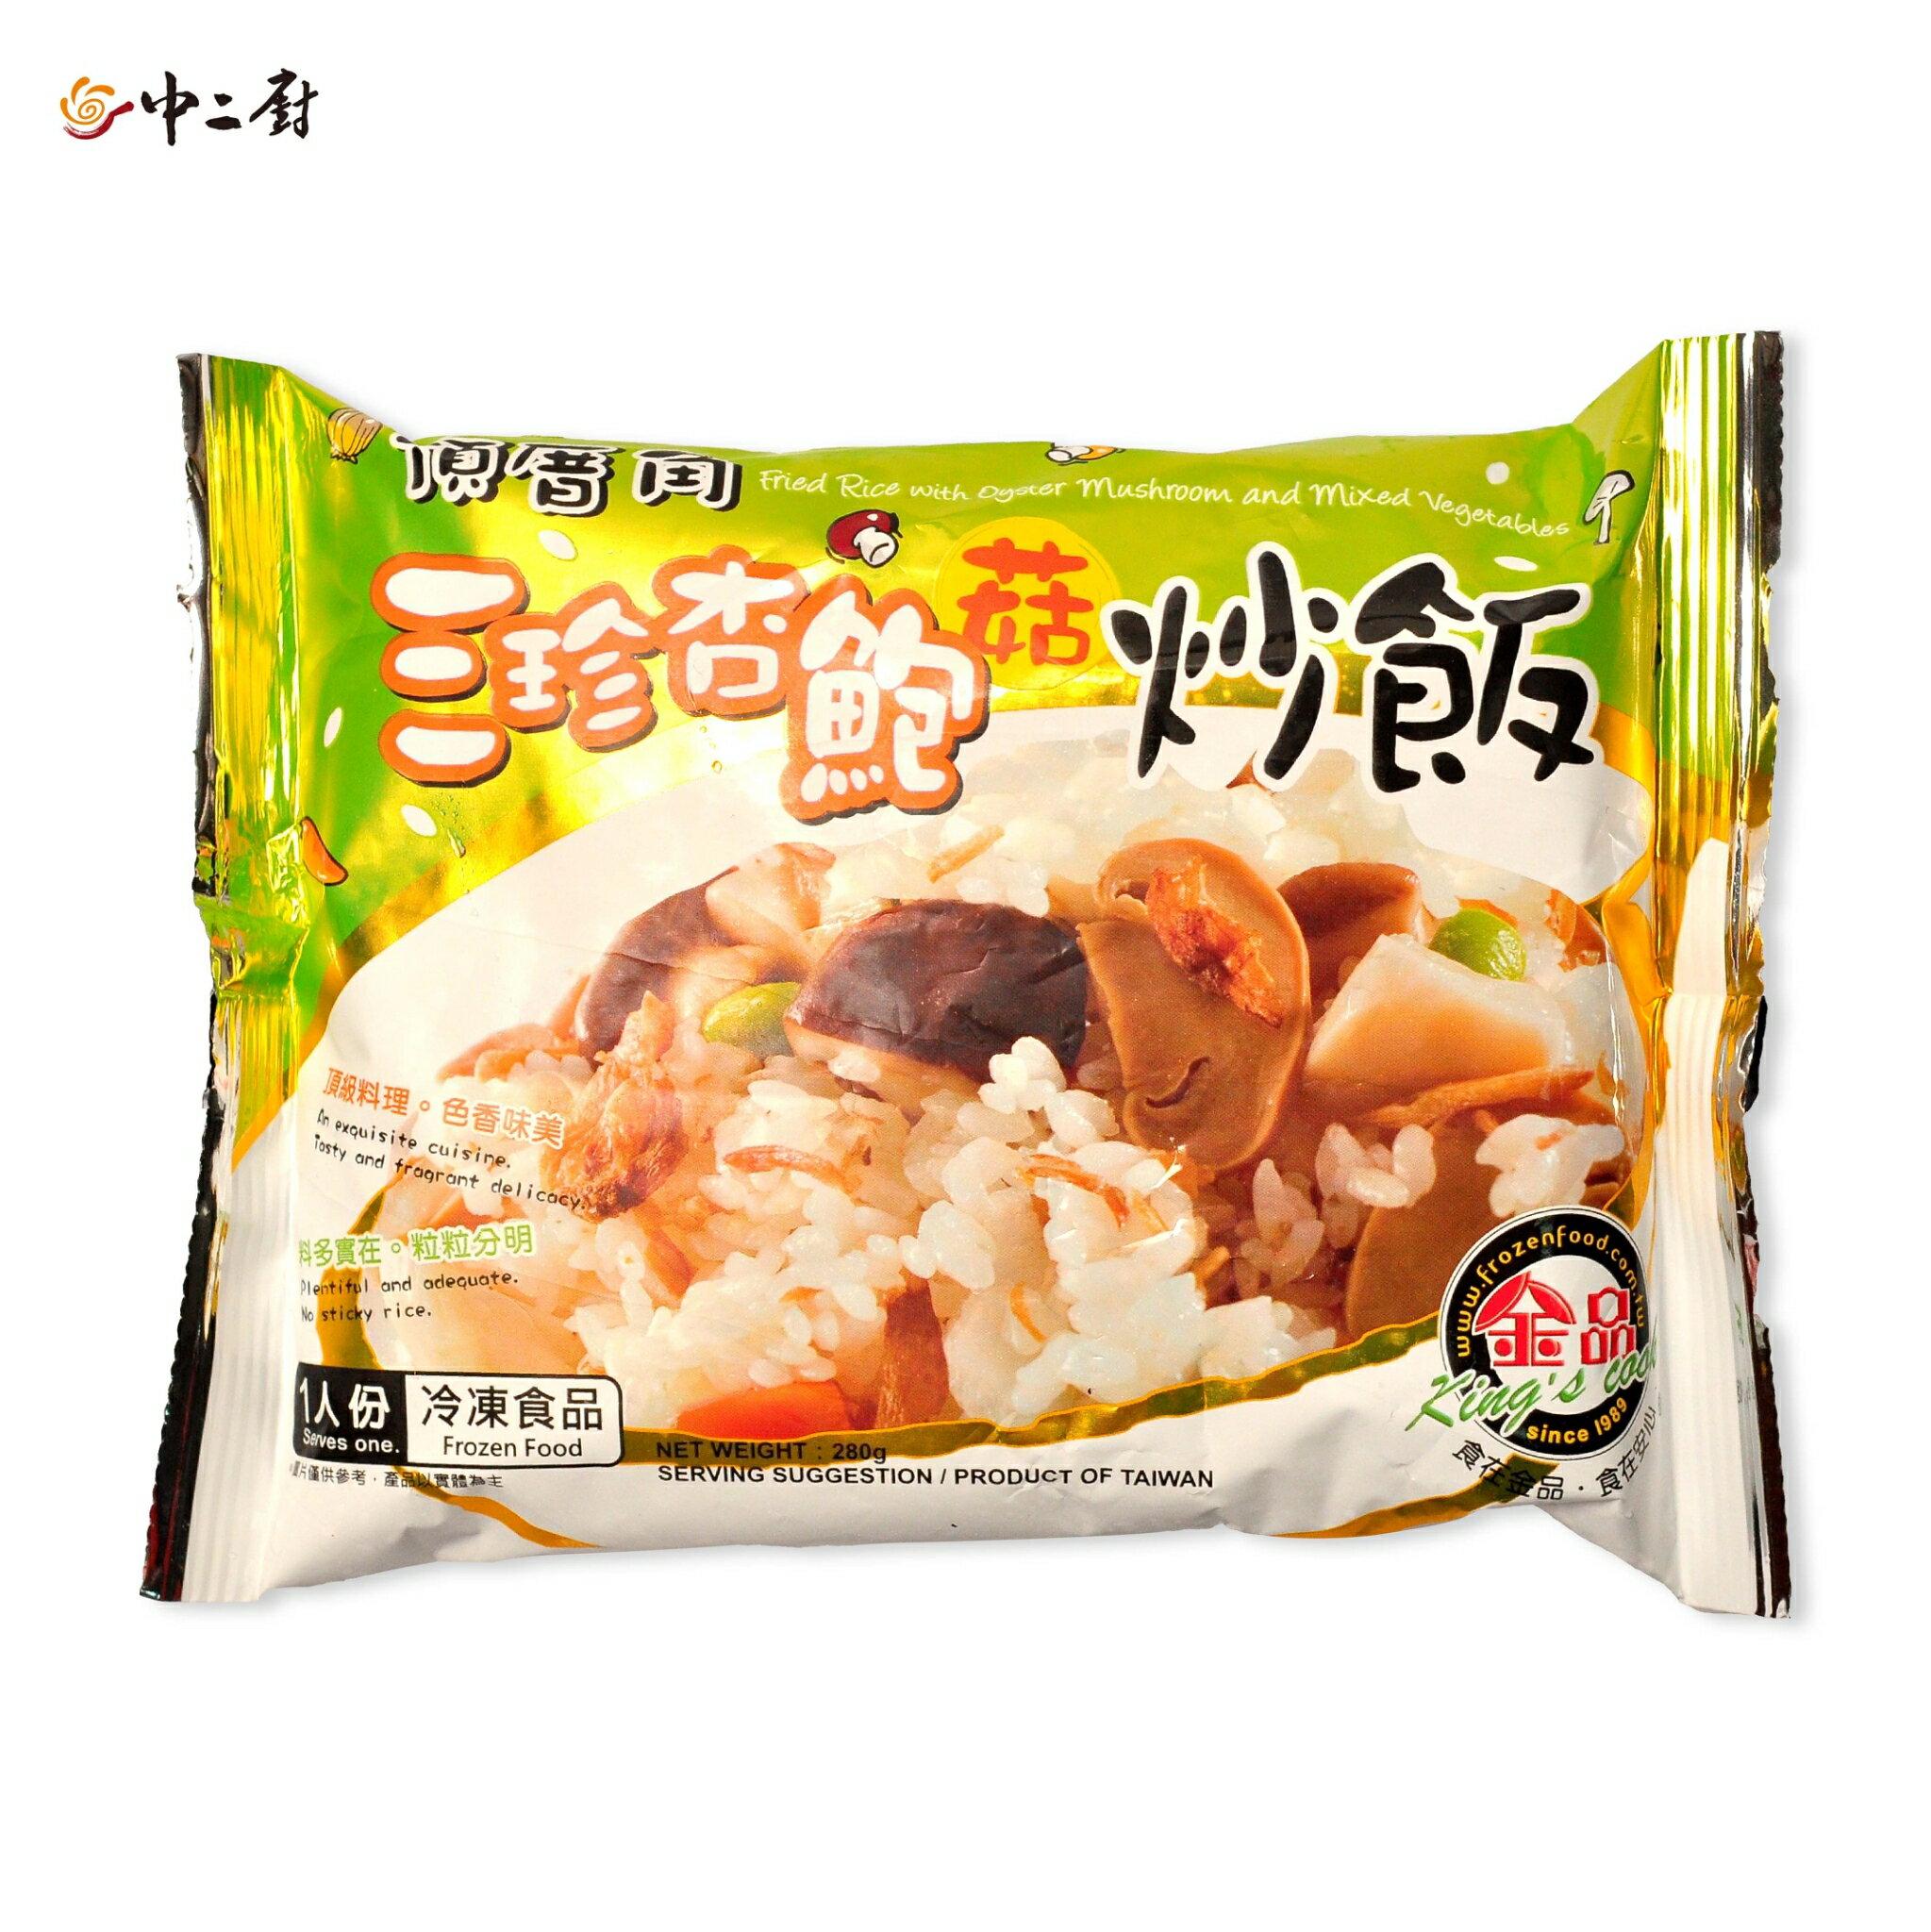 中二廚食品專賣店 【中二廚】三珍杏鮑菇炒飯(280g/ 包)